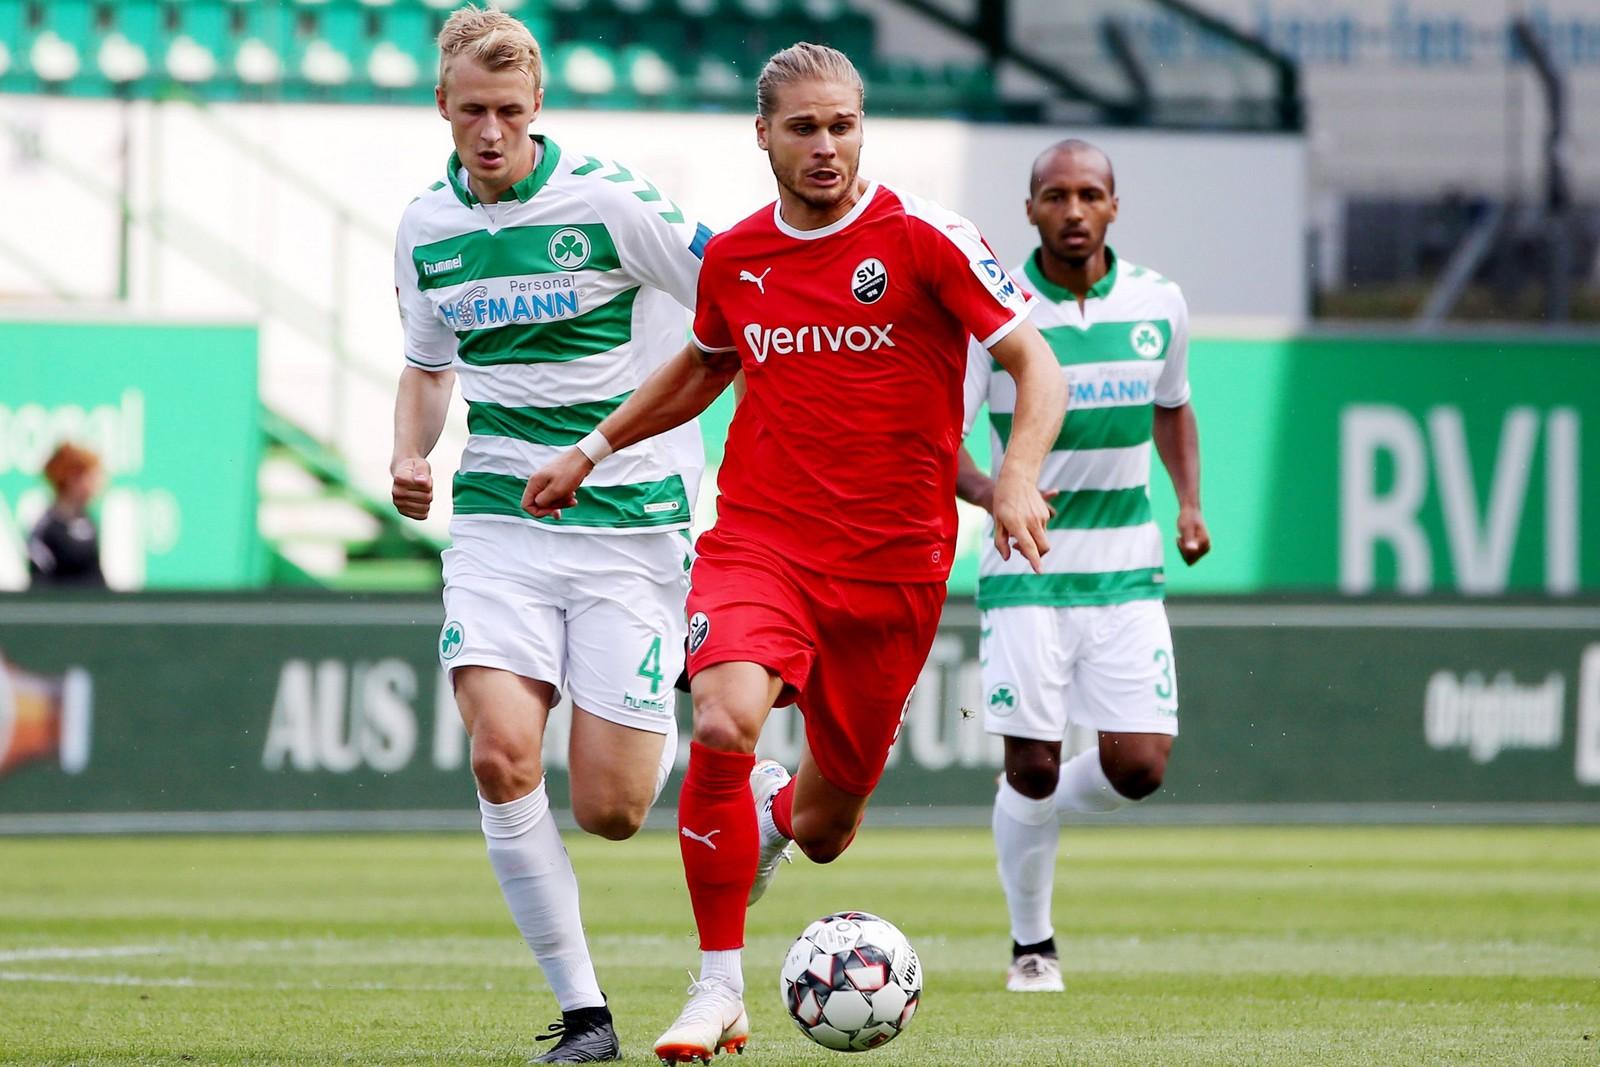 Kann Rurik Gislason auch im Rückspiel Lukas Gugganig davonlaufen? Jetzt auf Sandhausen gegen Fürth wetten!